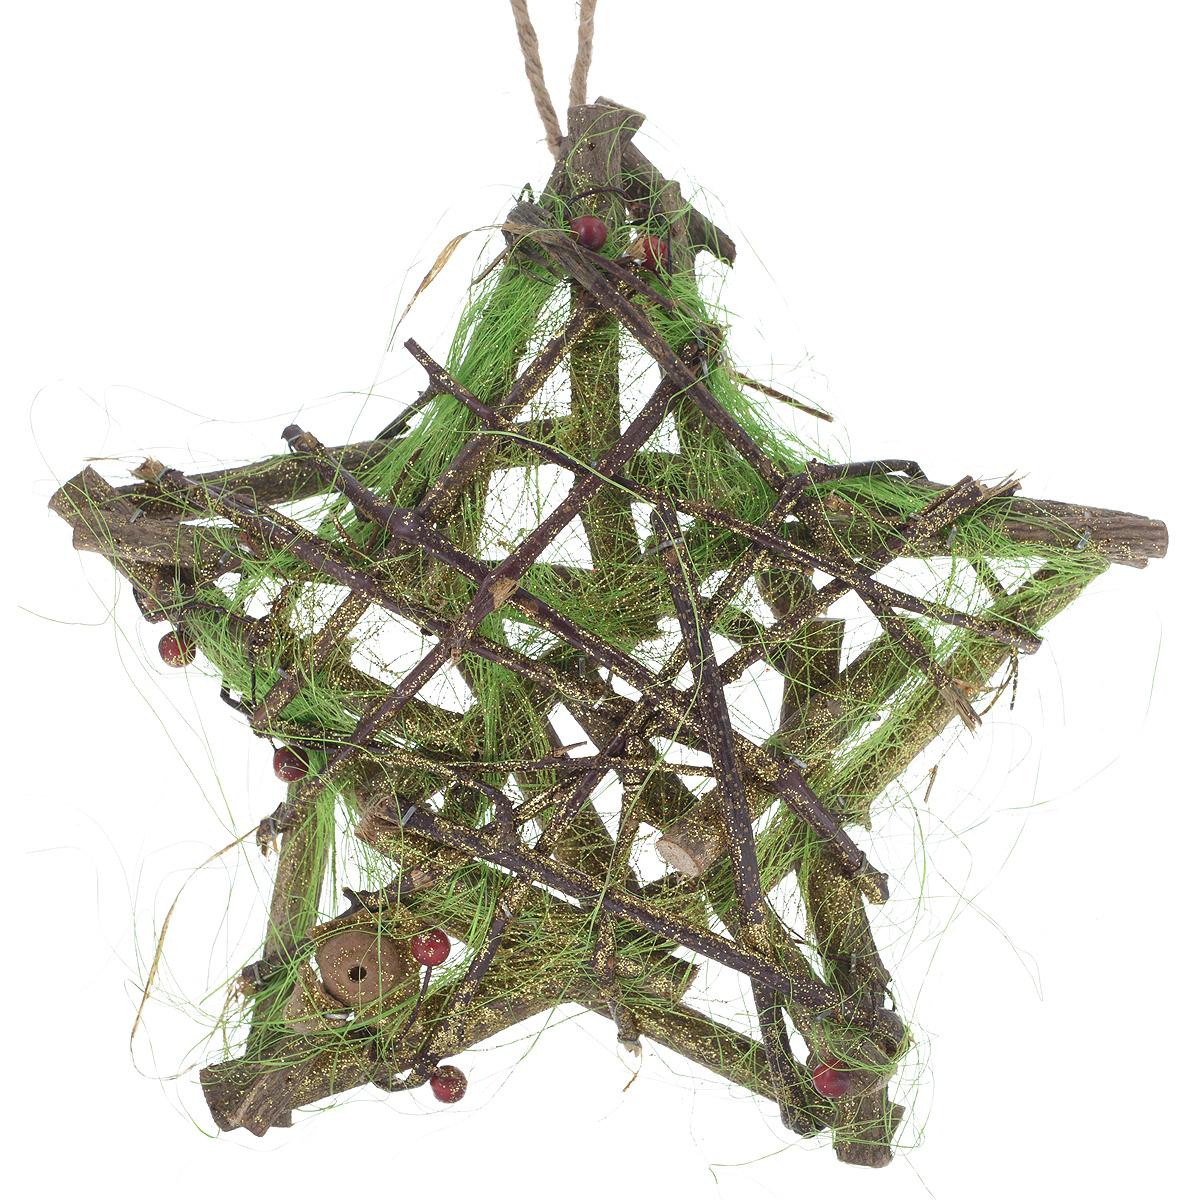 Декоративный элемент Dongjiang Art, 24 см х 24 см7709040Декоративный элемент Dongjiang Art, изготовленный из натурального дерева, представляет собой звезду, оформленную цветными нитями и блестками. Изделиепредназначено для дальнейшего украшения бусинами, лентами, стразами, фигурками, бумагой и другим материалом.Работа, выполненная своими руками, станет замечательным подарком для близких и друзей!Размер элемента: 24 см х 24 см х 4,5 см.